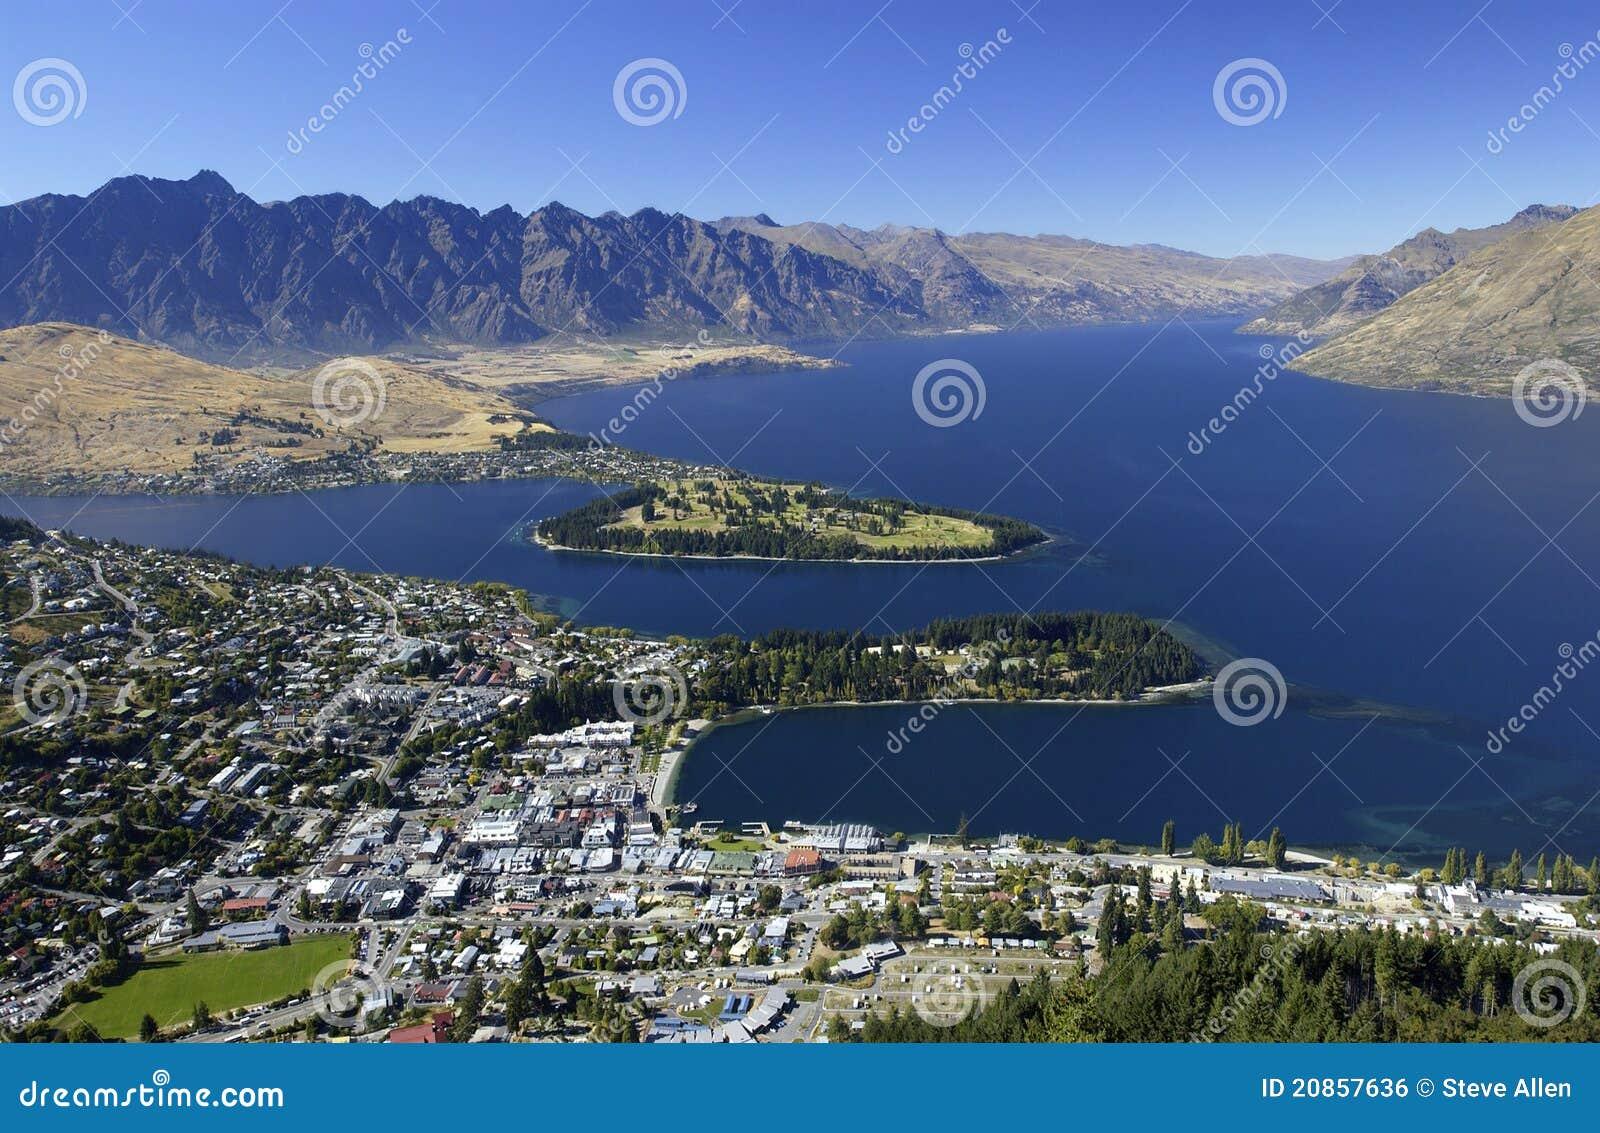 New Zealand Time Image: New Zealand Royalty Free Stock Image